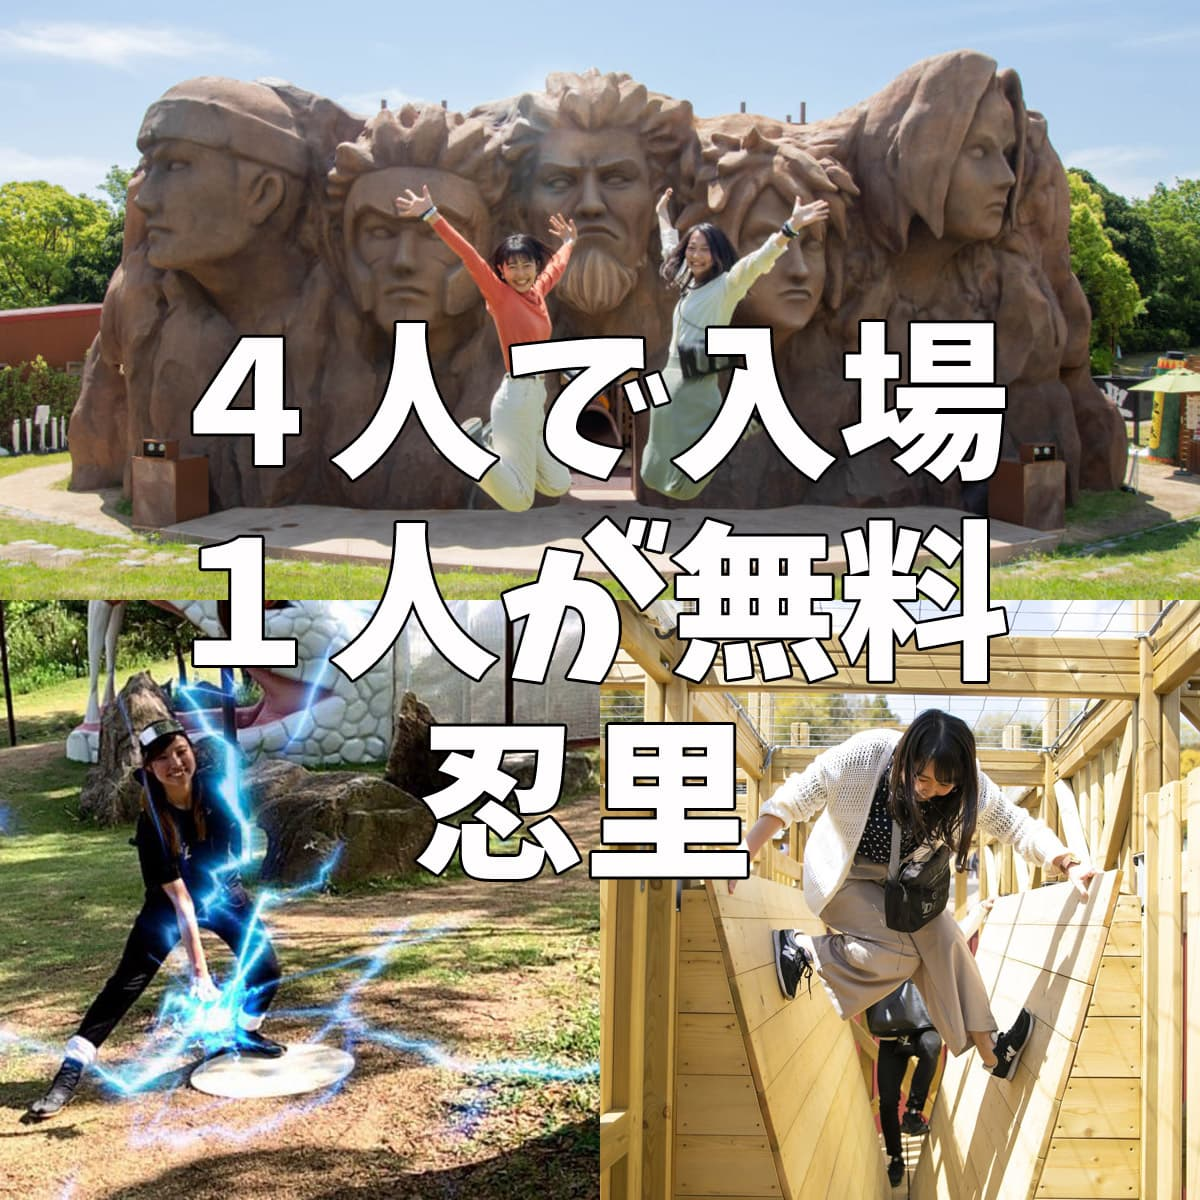 4人入場1人無料(学生限定)NARUTO&BORUTO忍里